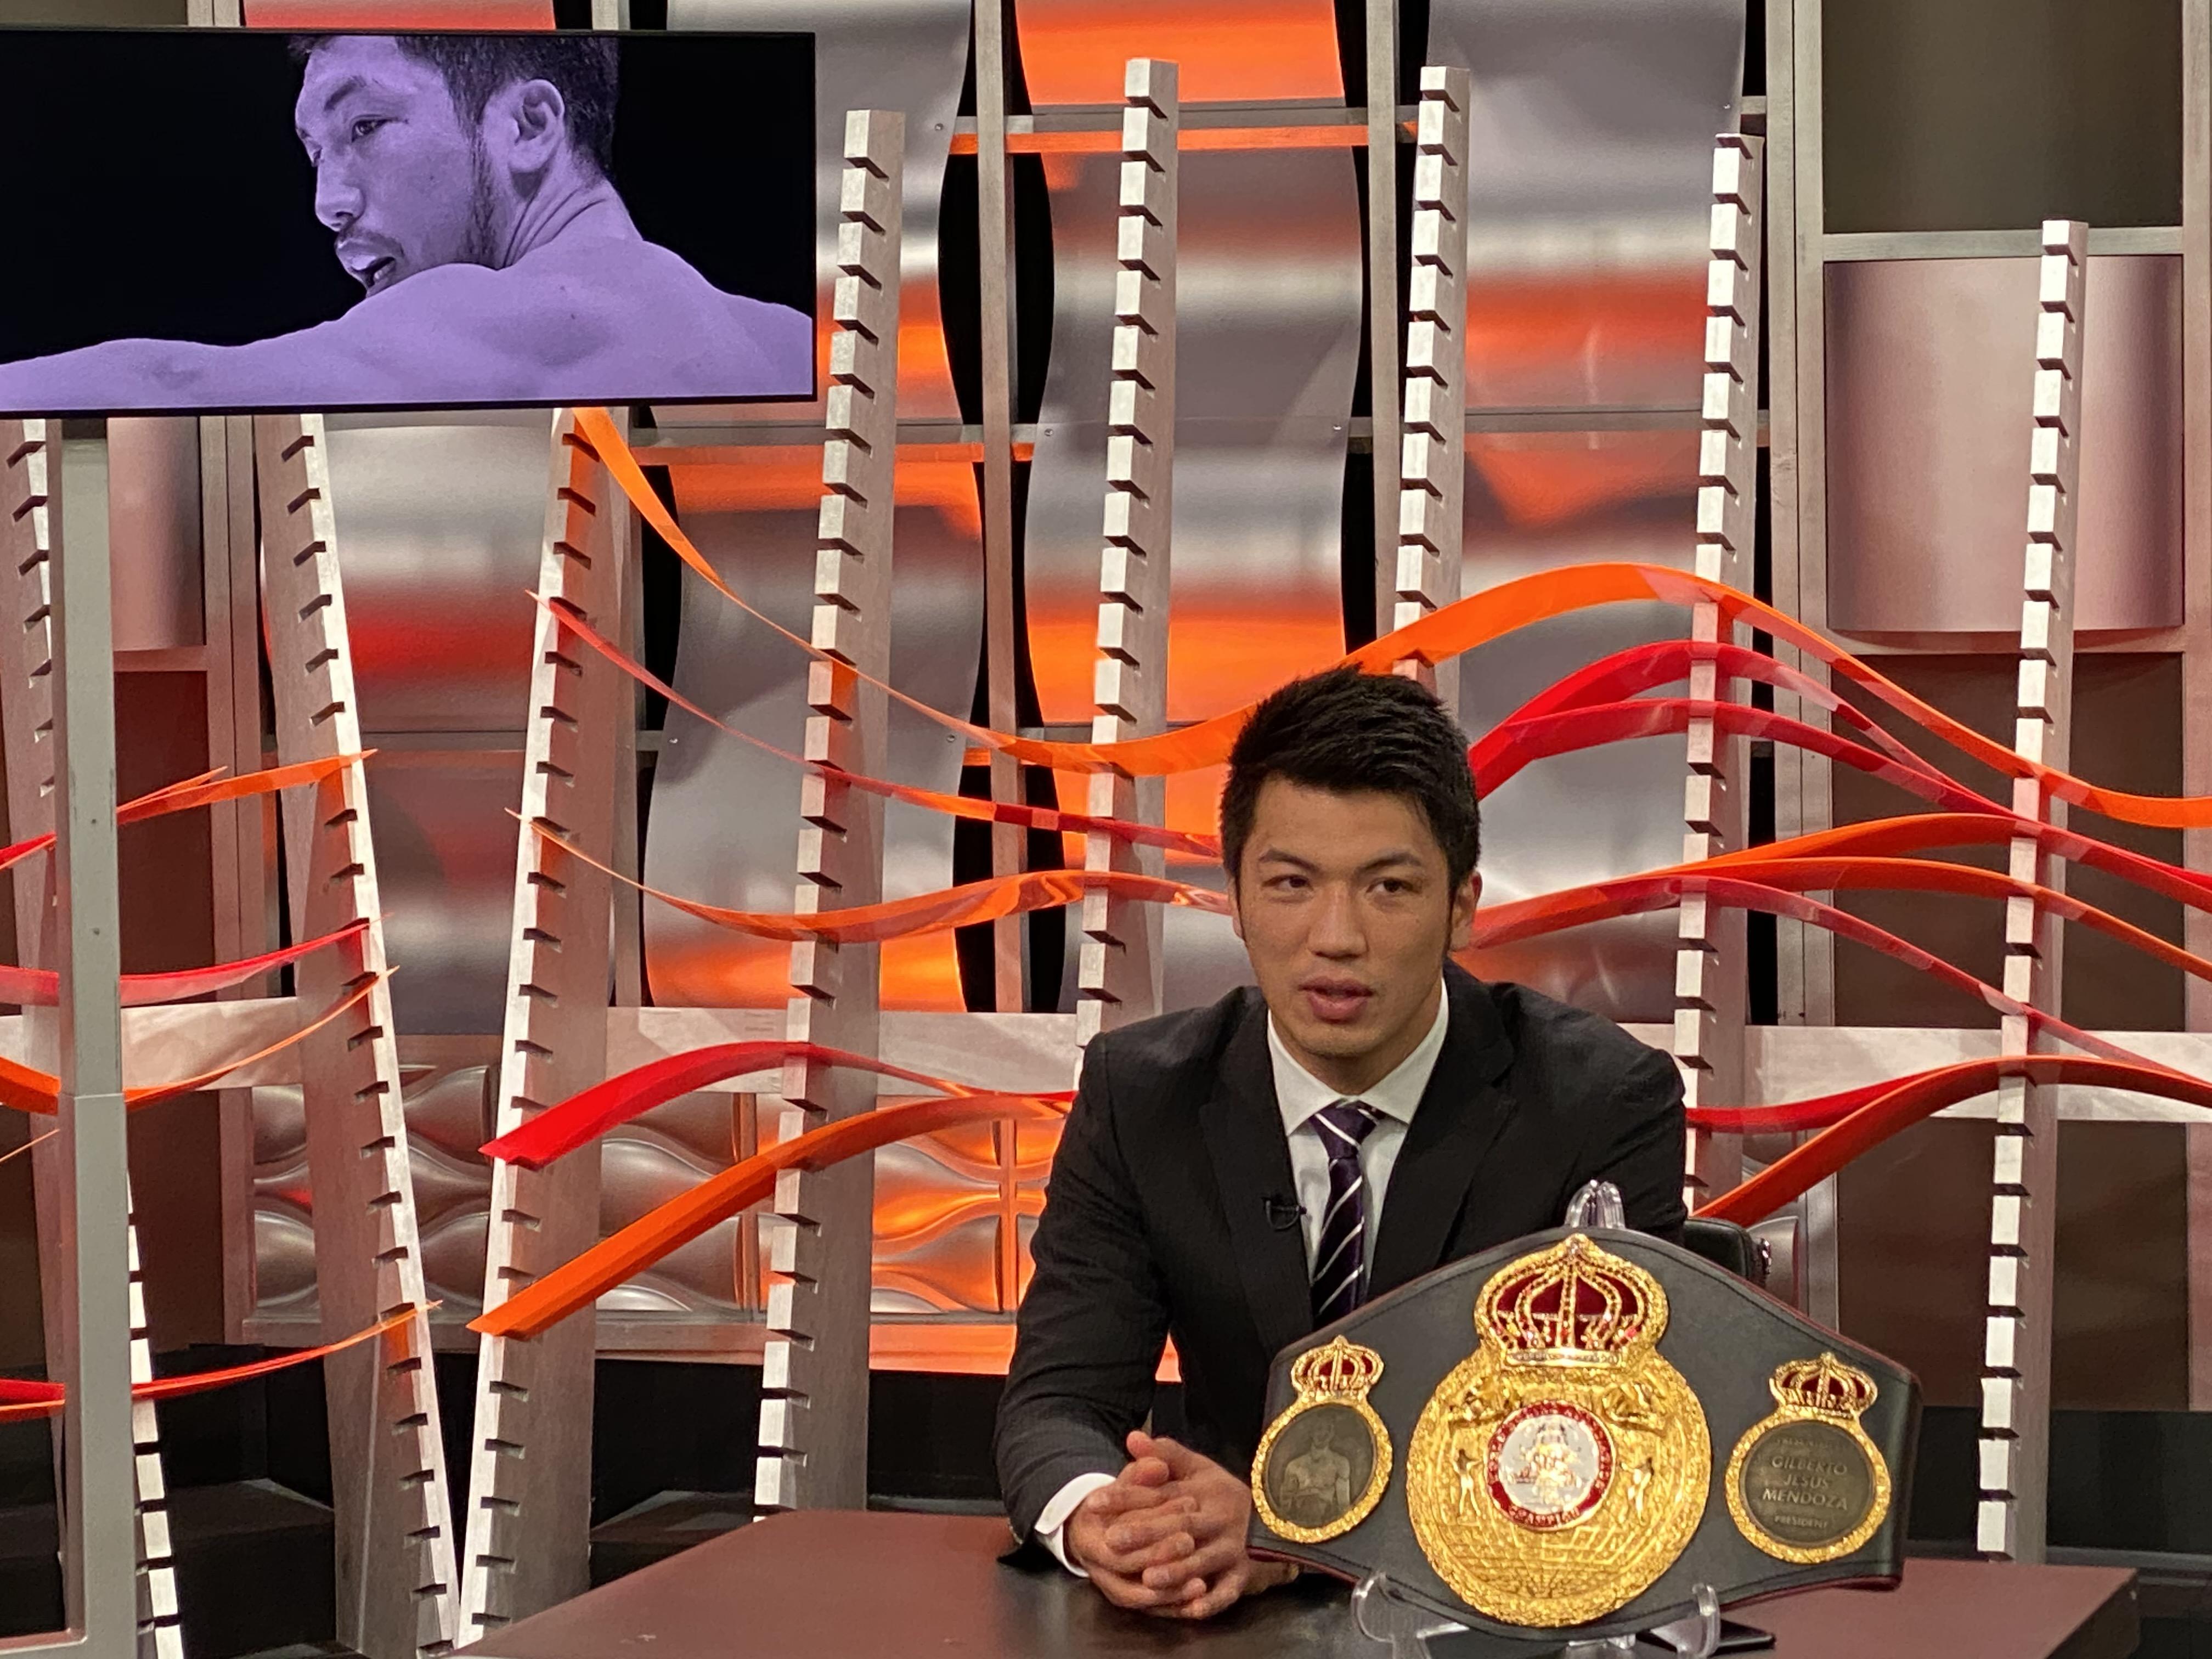 村田諒太の珠玉の名勝負を本人が解説「自分のヒストリーを振り返るのは初めて」 画像